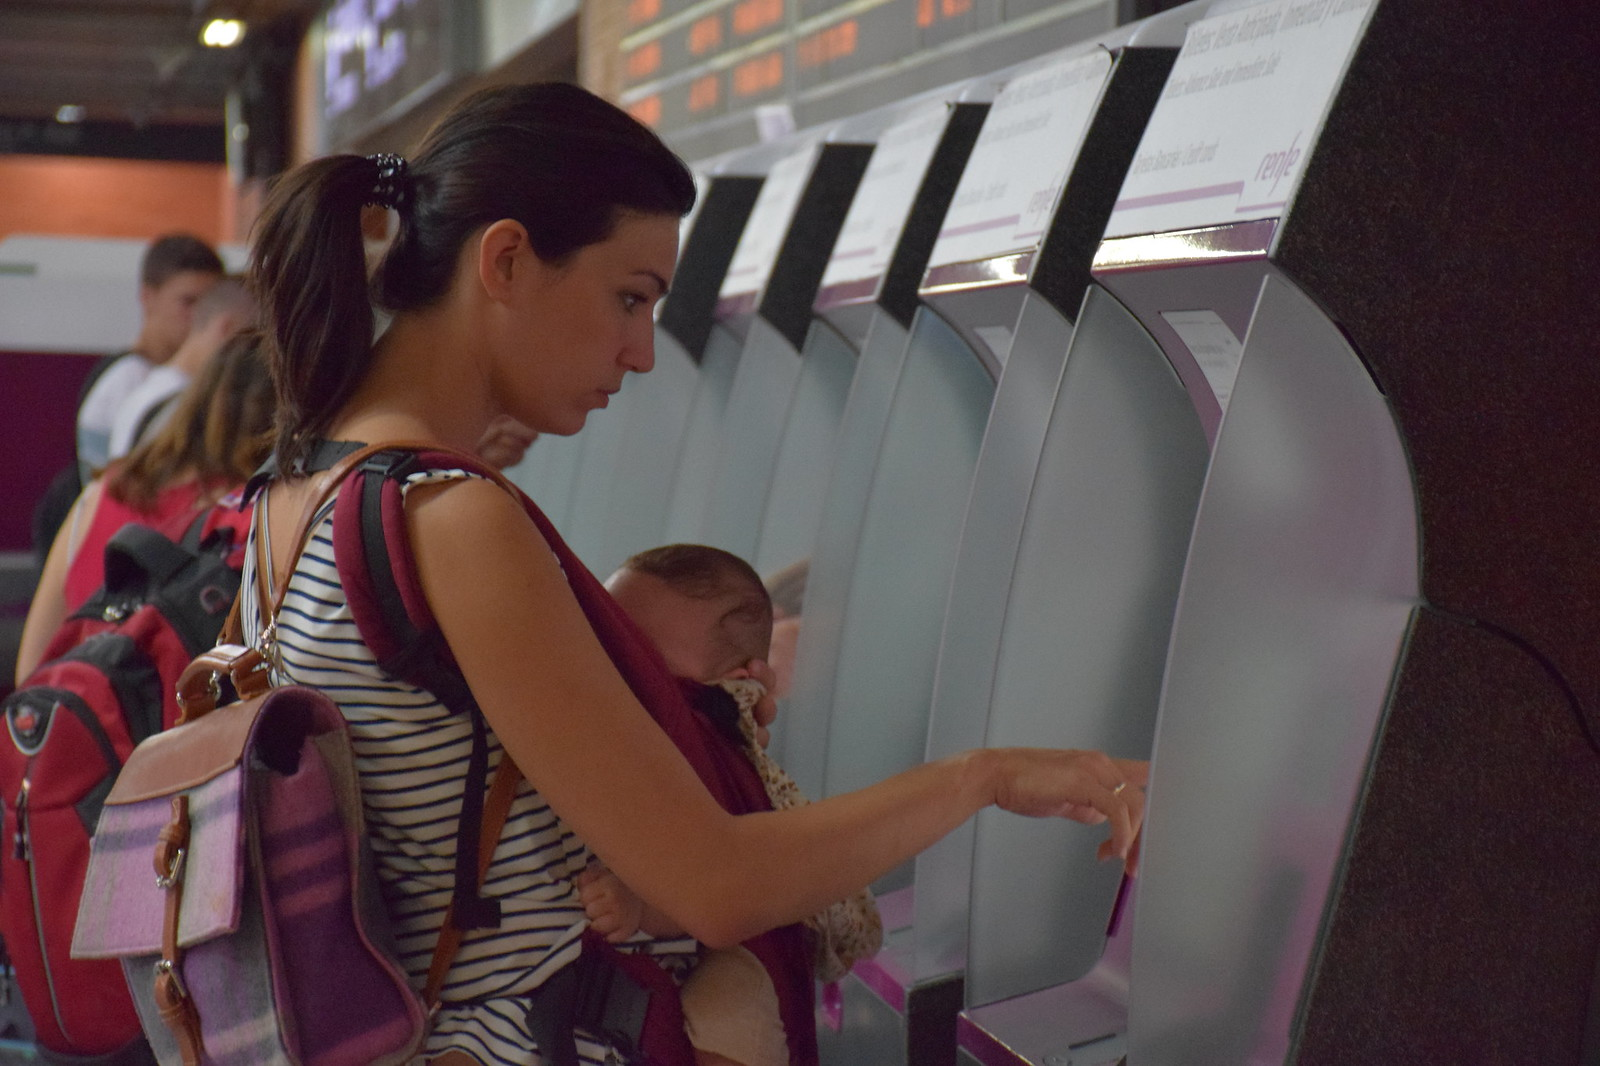 Imprimiendo los billetes en la estación.